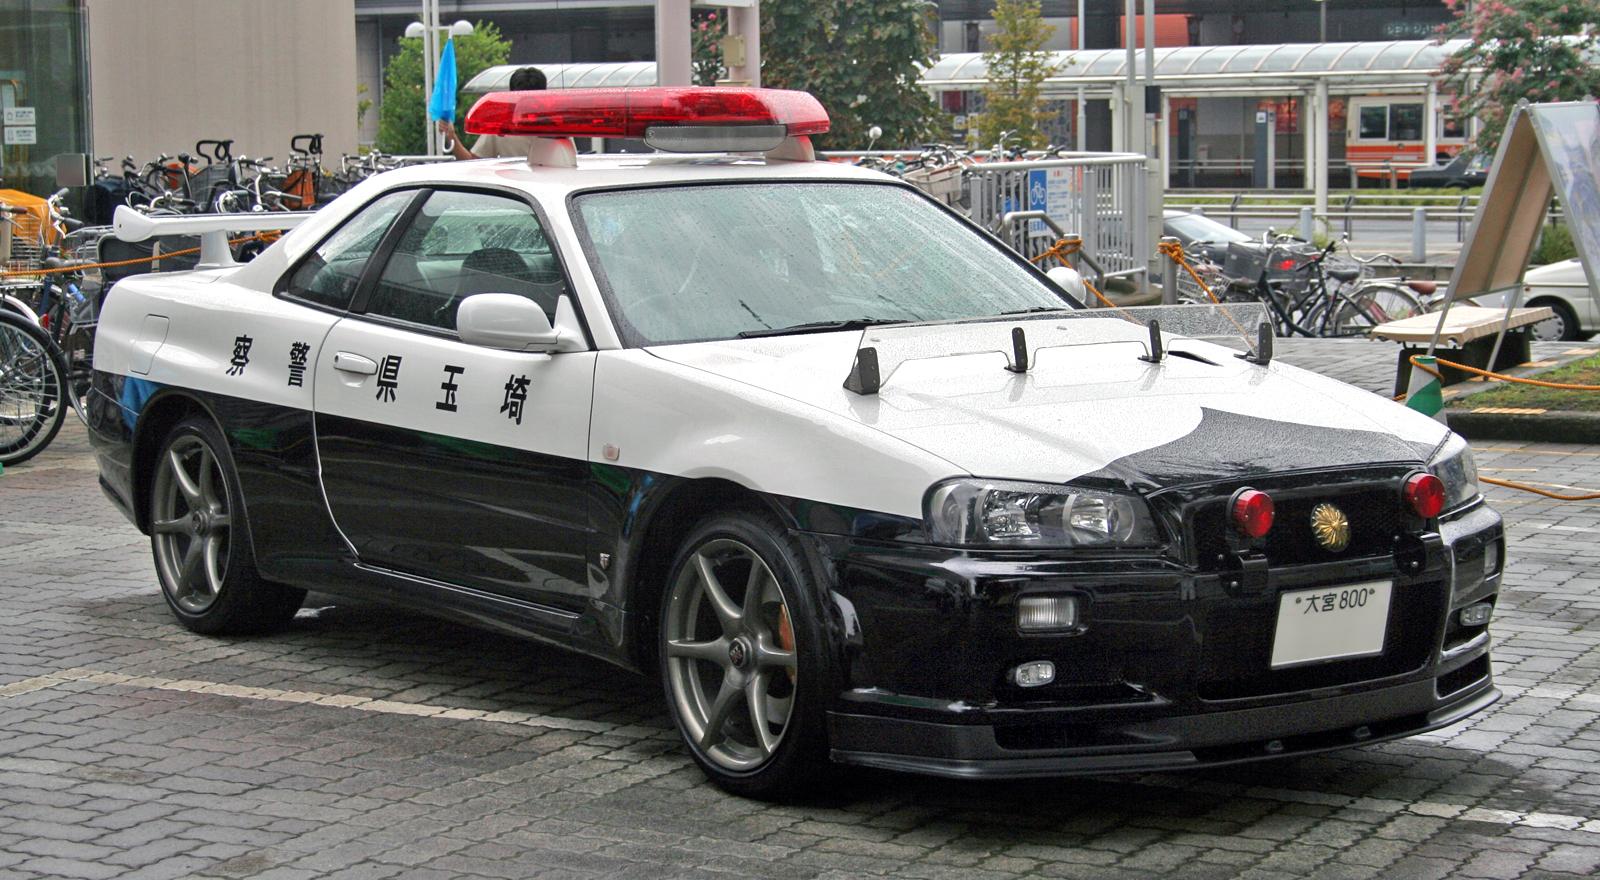 skyline_gtr_police_car